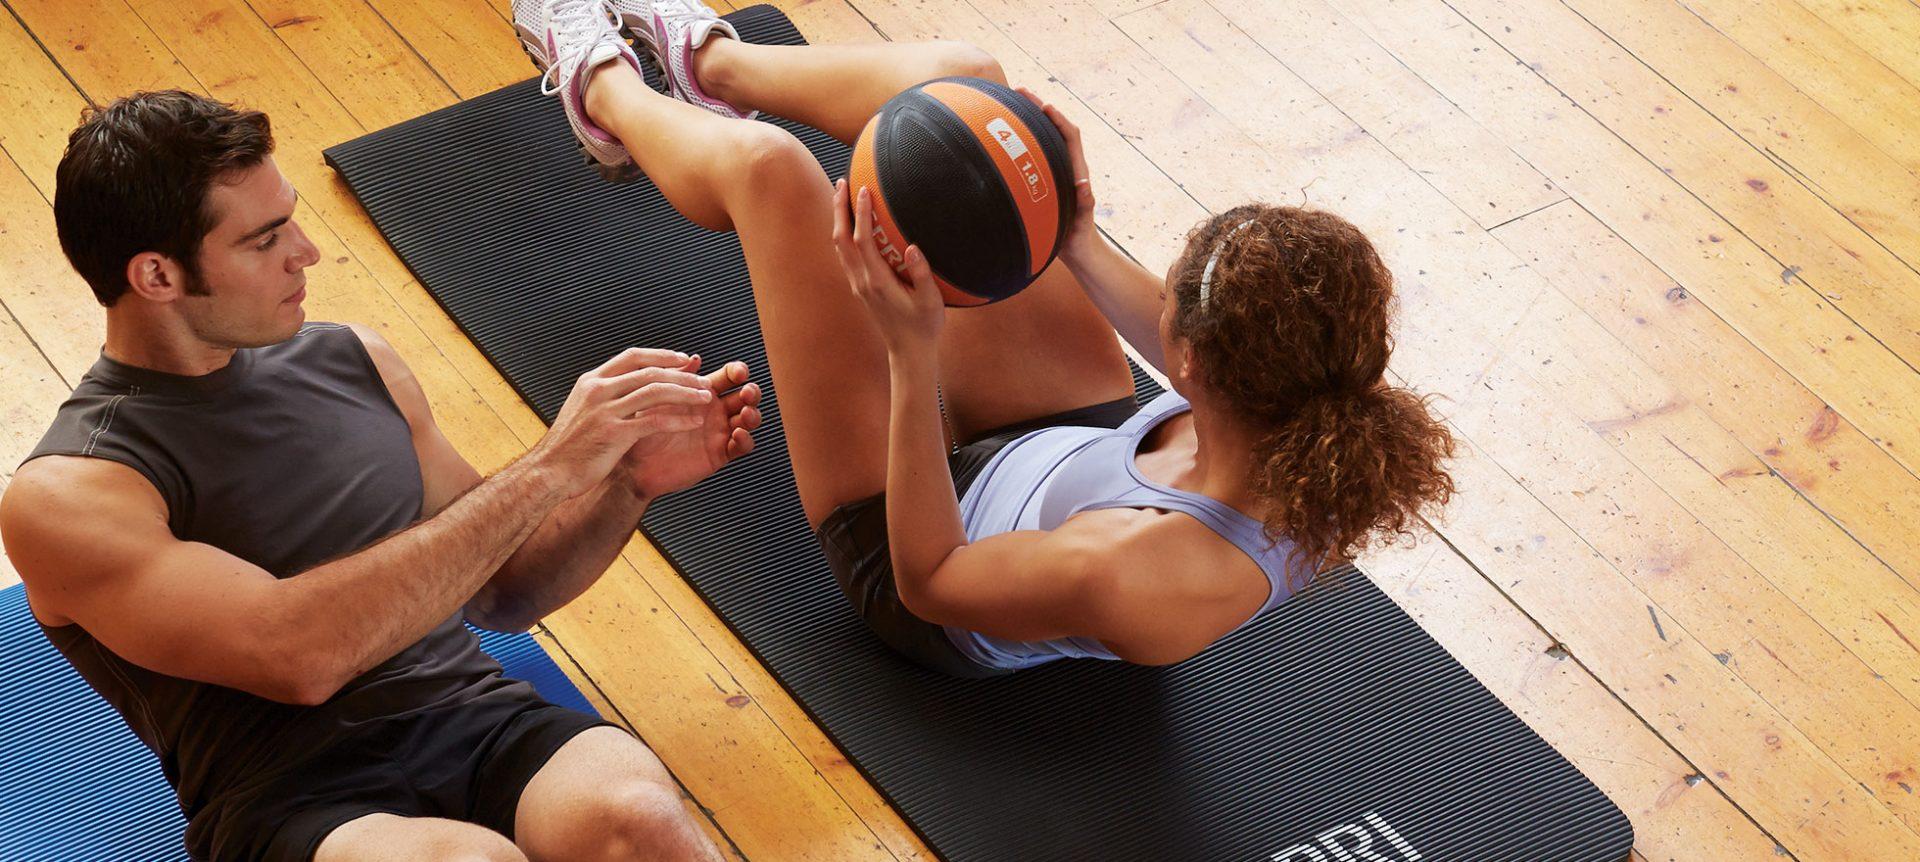 SPRI 12 LB Xerball Medicine Ball